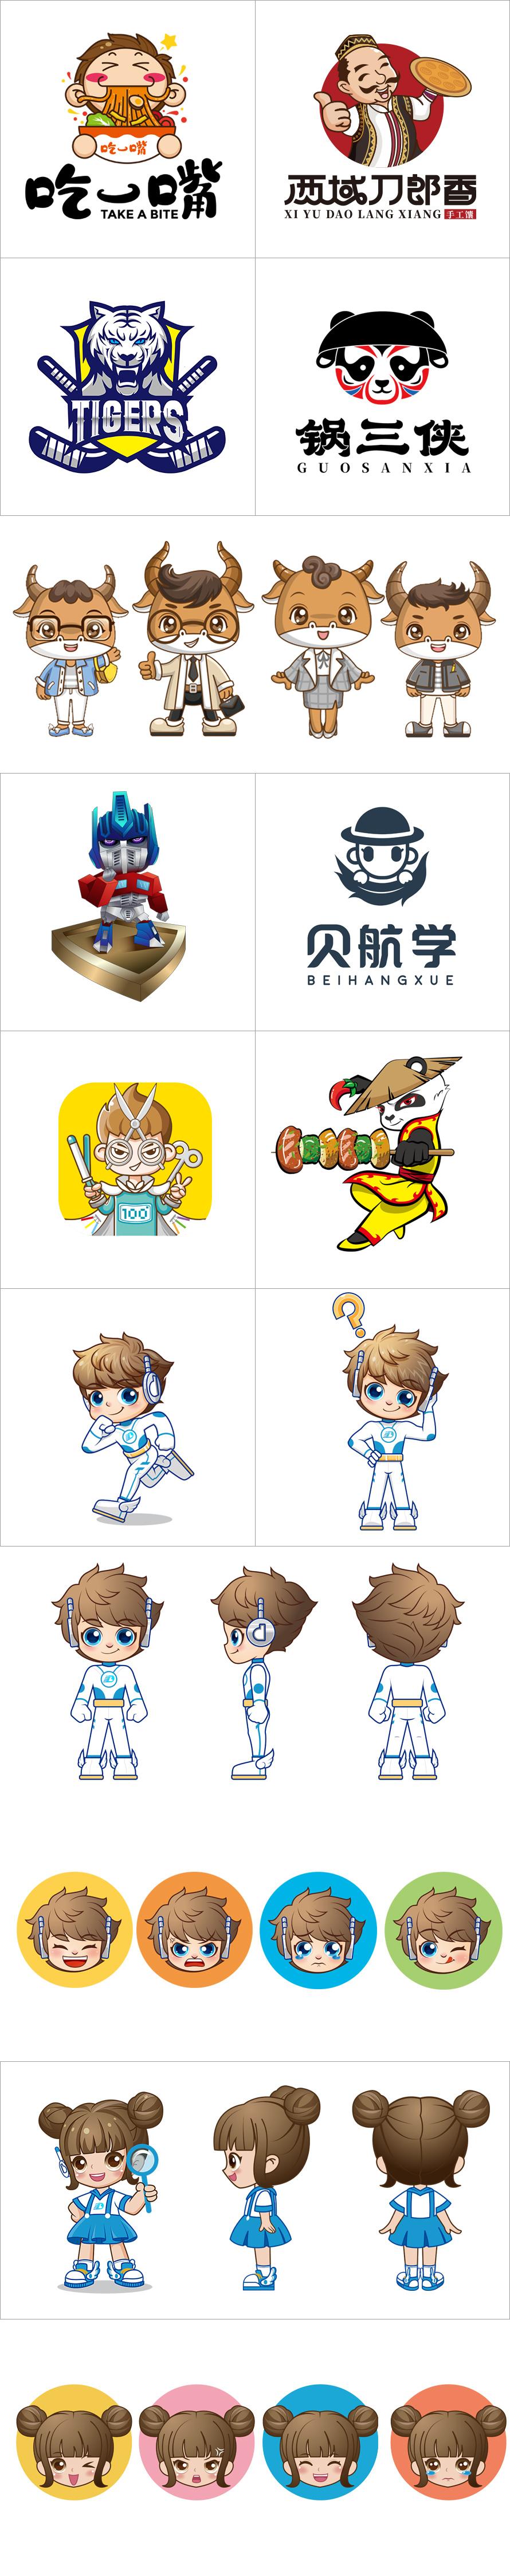 _手绘公司IP吉祥物卡通形象logo设计人物公仔设计插画可注册9